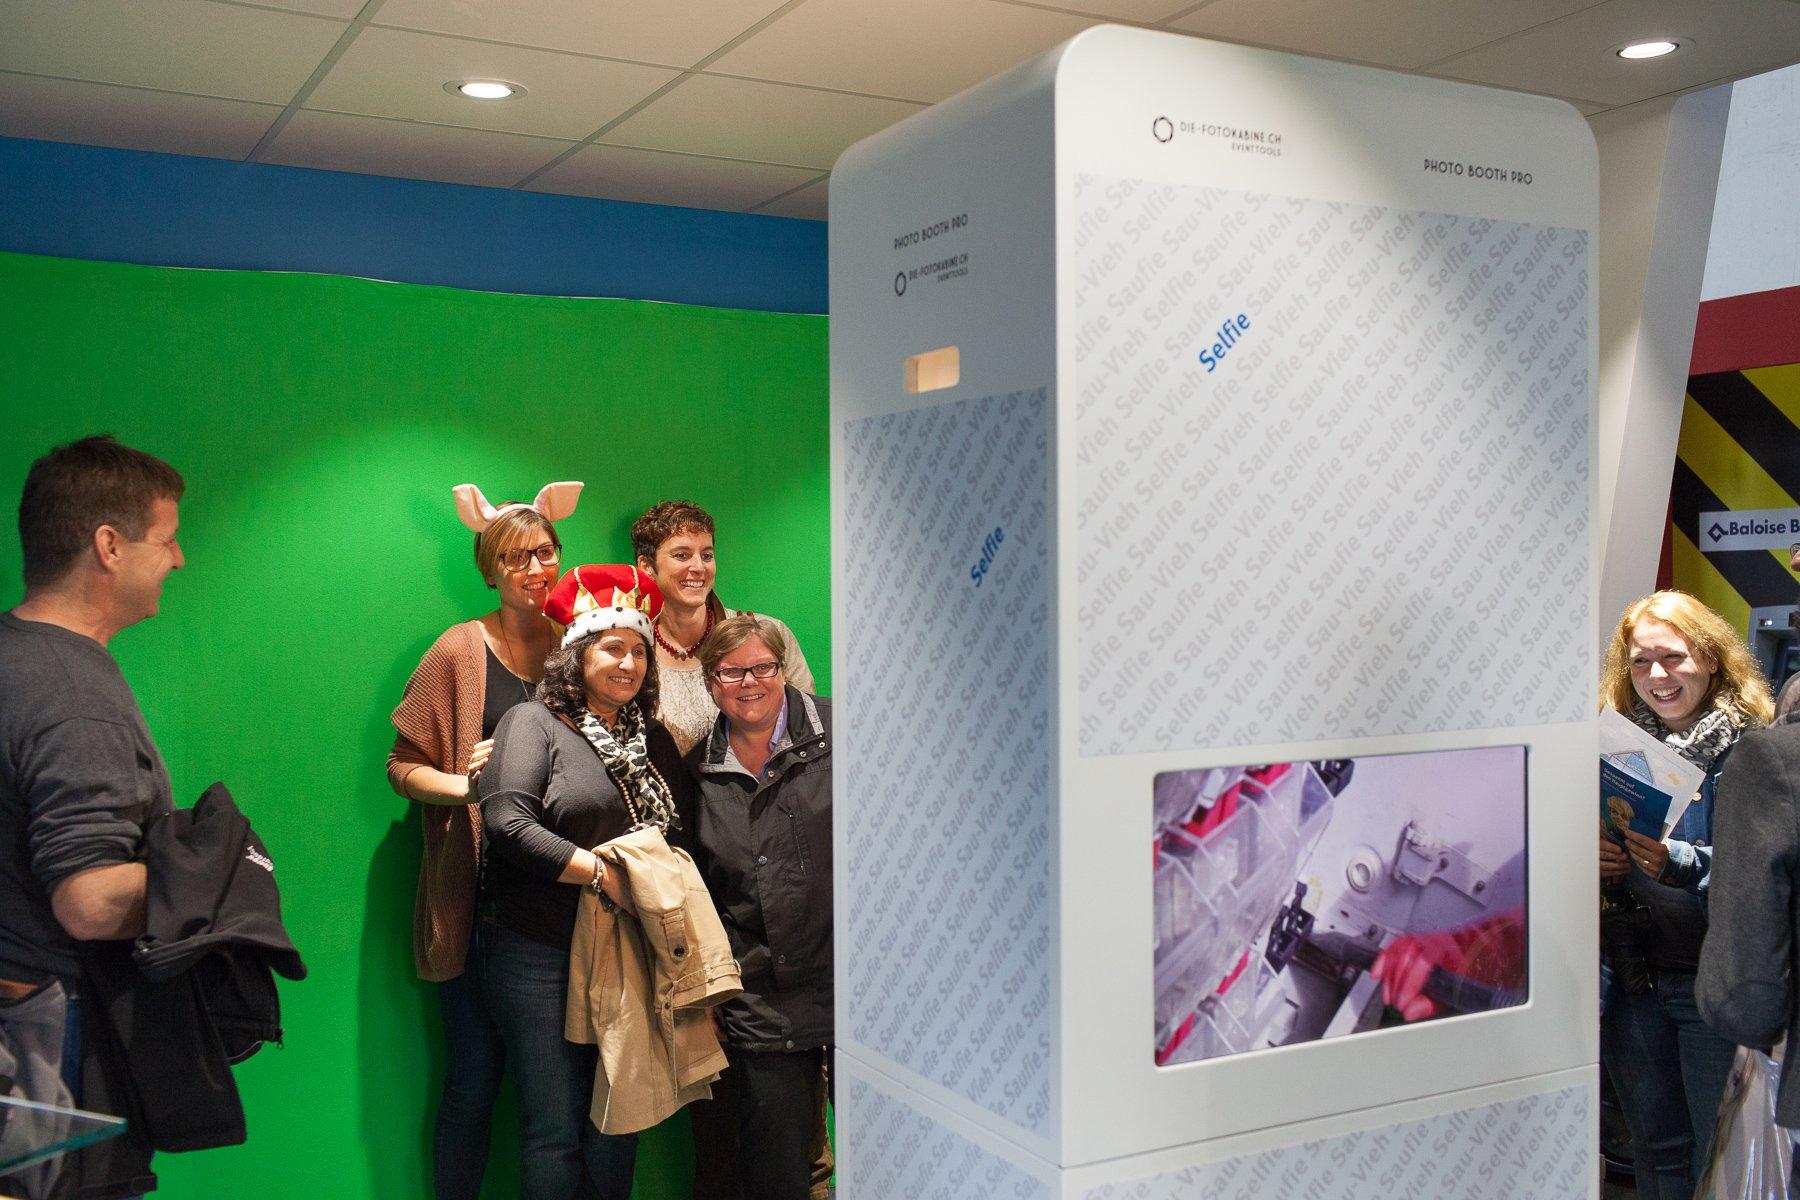 Photo Booth Pro mit Foto-Gewinnspiel für die AEK Energie an der HESO in Solothurn